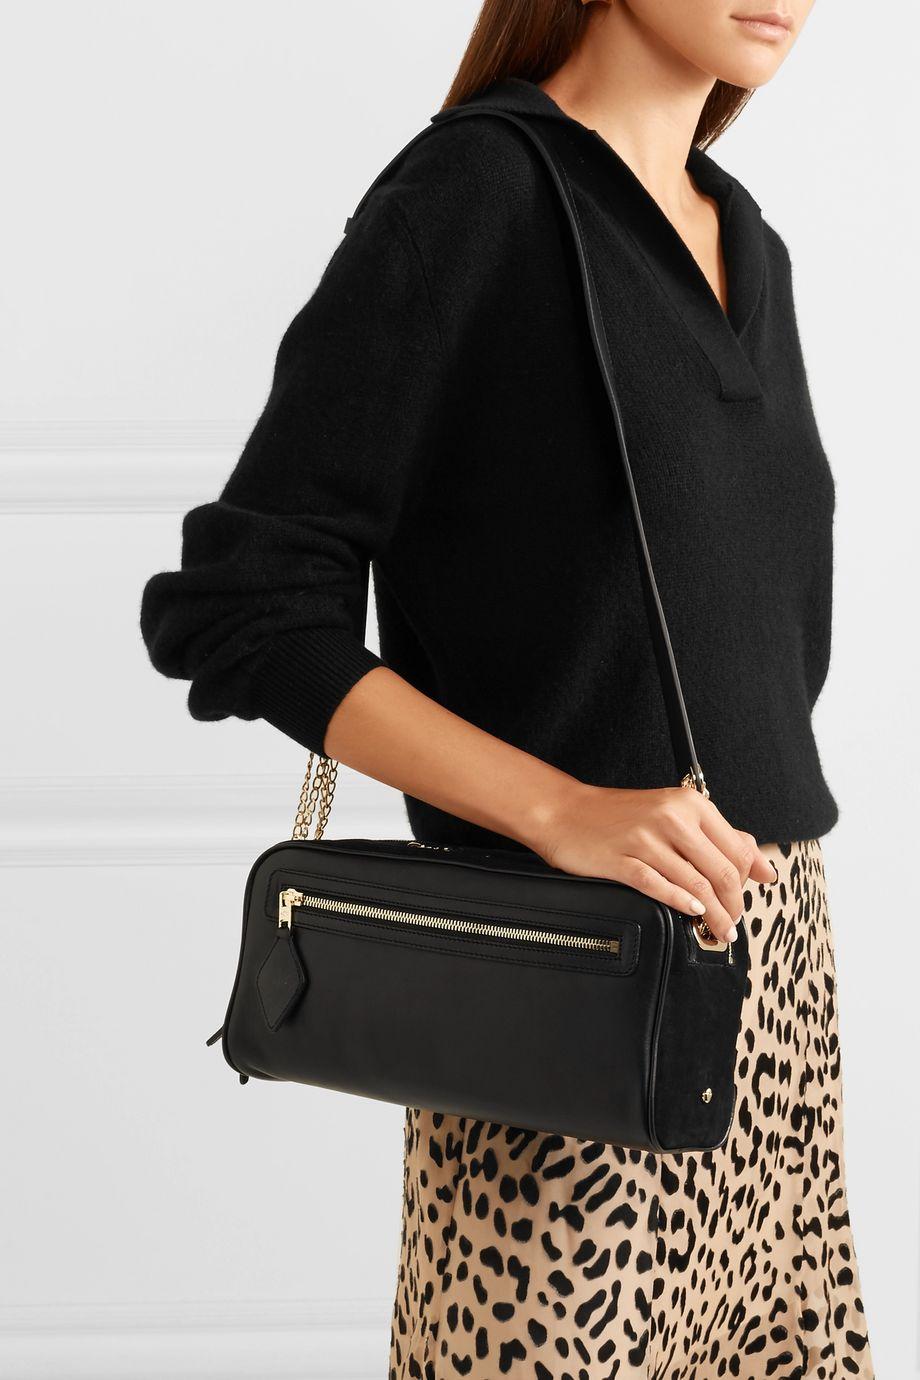 ZOOBEETLE Paris Paris-Melbourne leather and suede shoulder bag